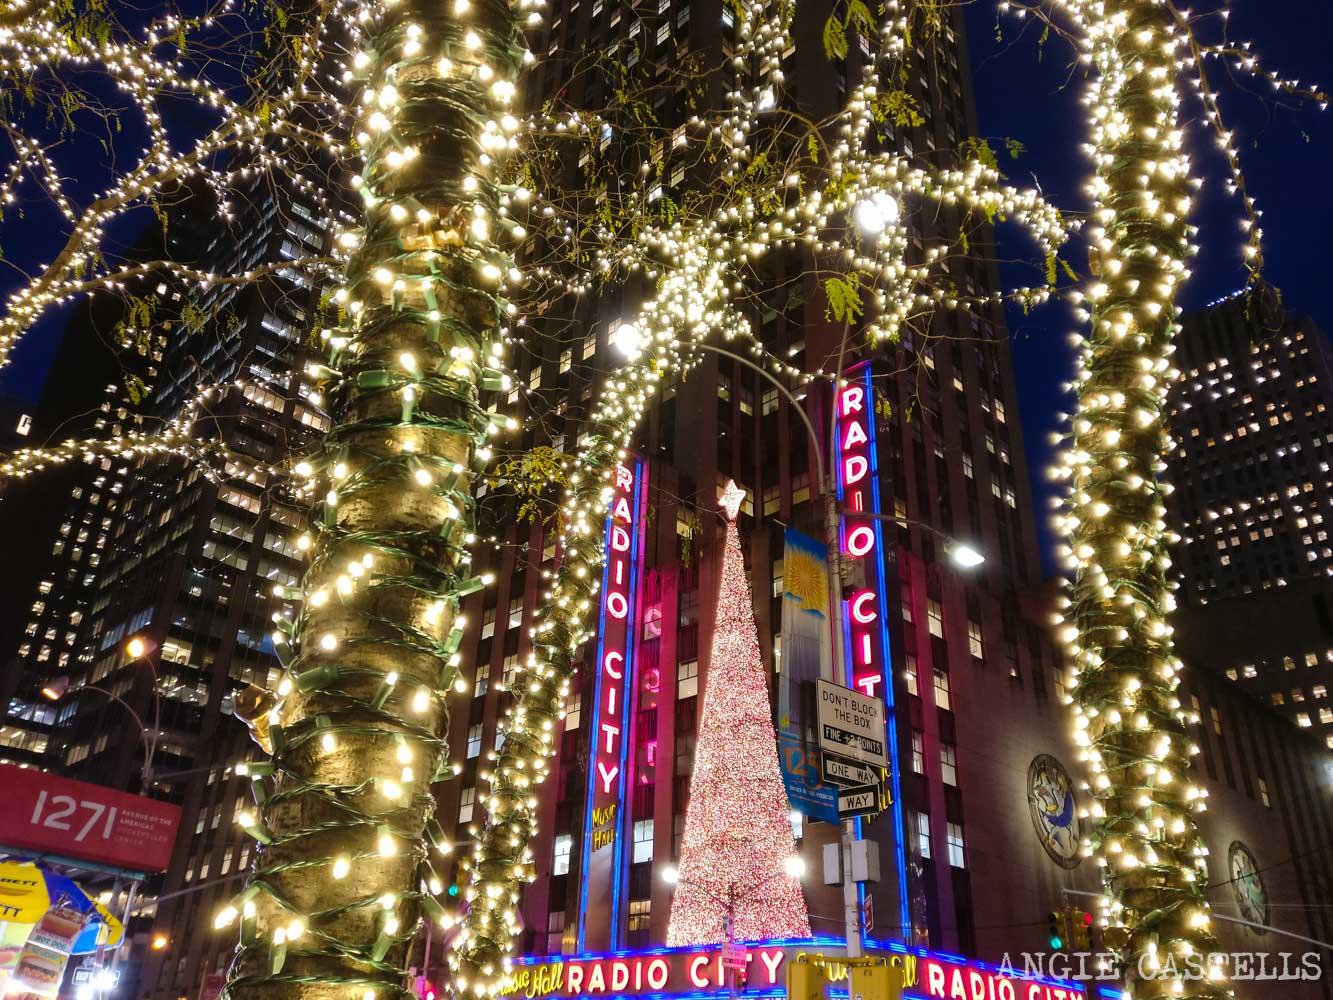 Qué hacer en Nueva York en Navidad - Radio City Music Hall